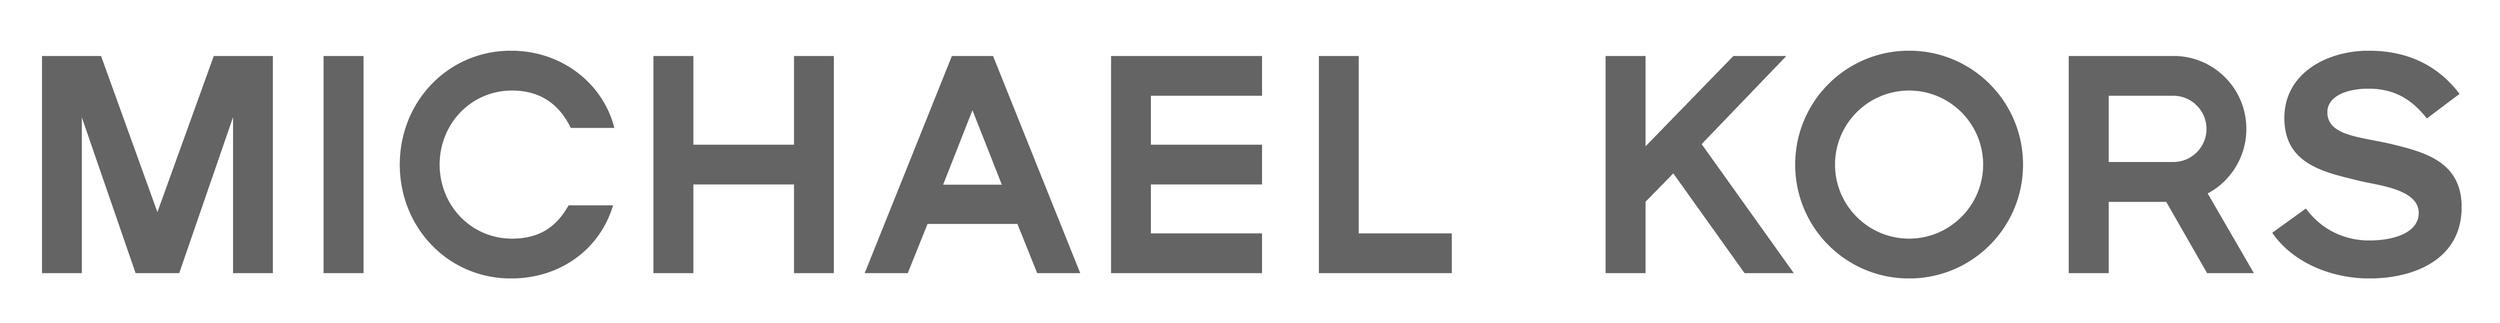 Michael Kors Logo 10 czarne copy.jpg